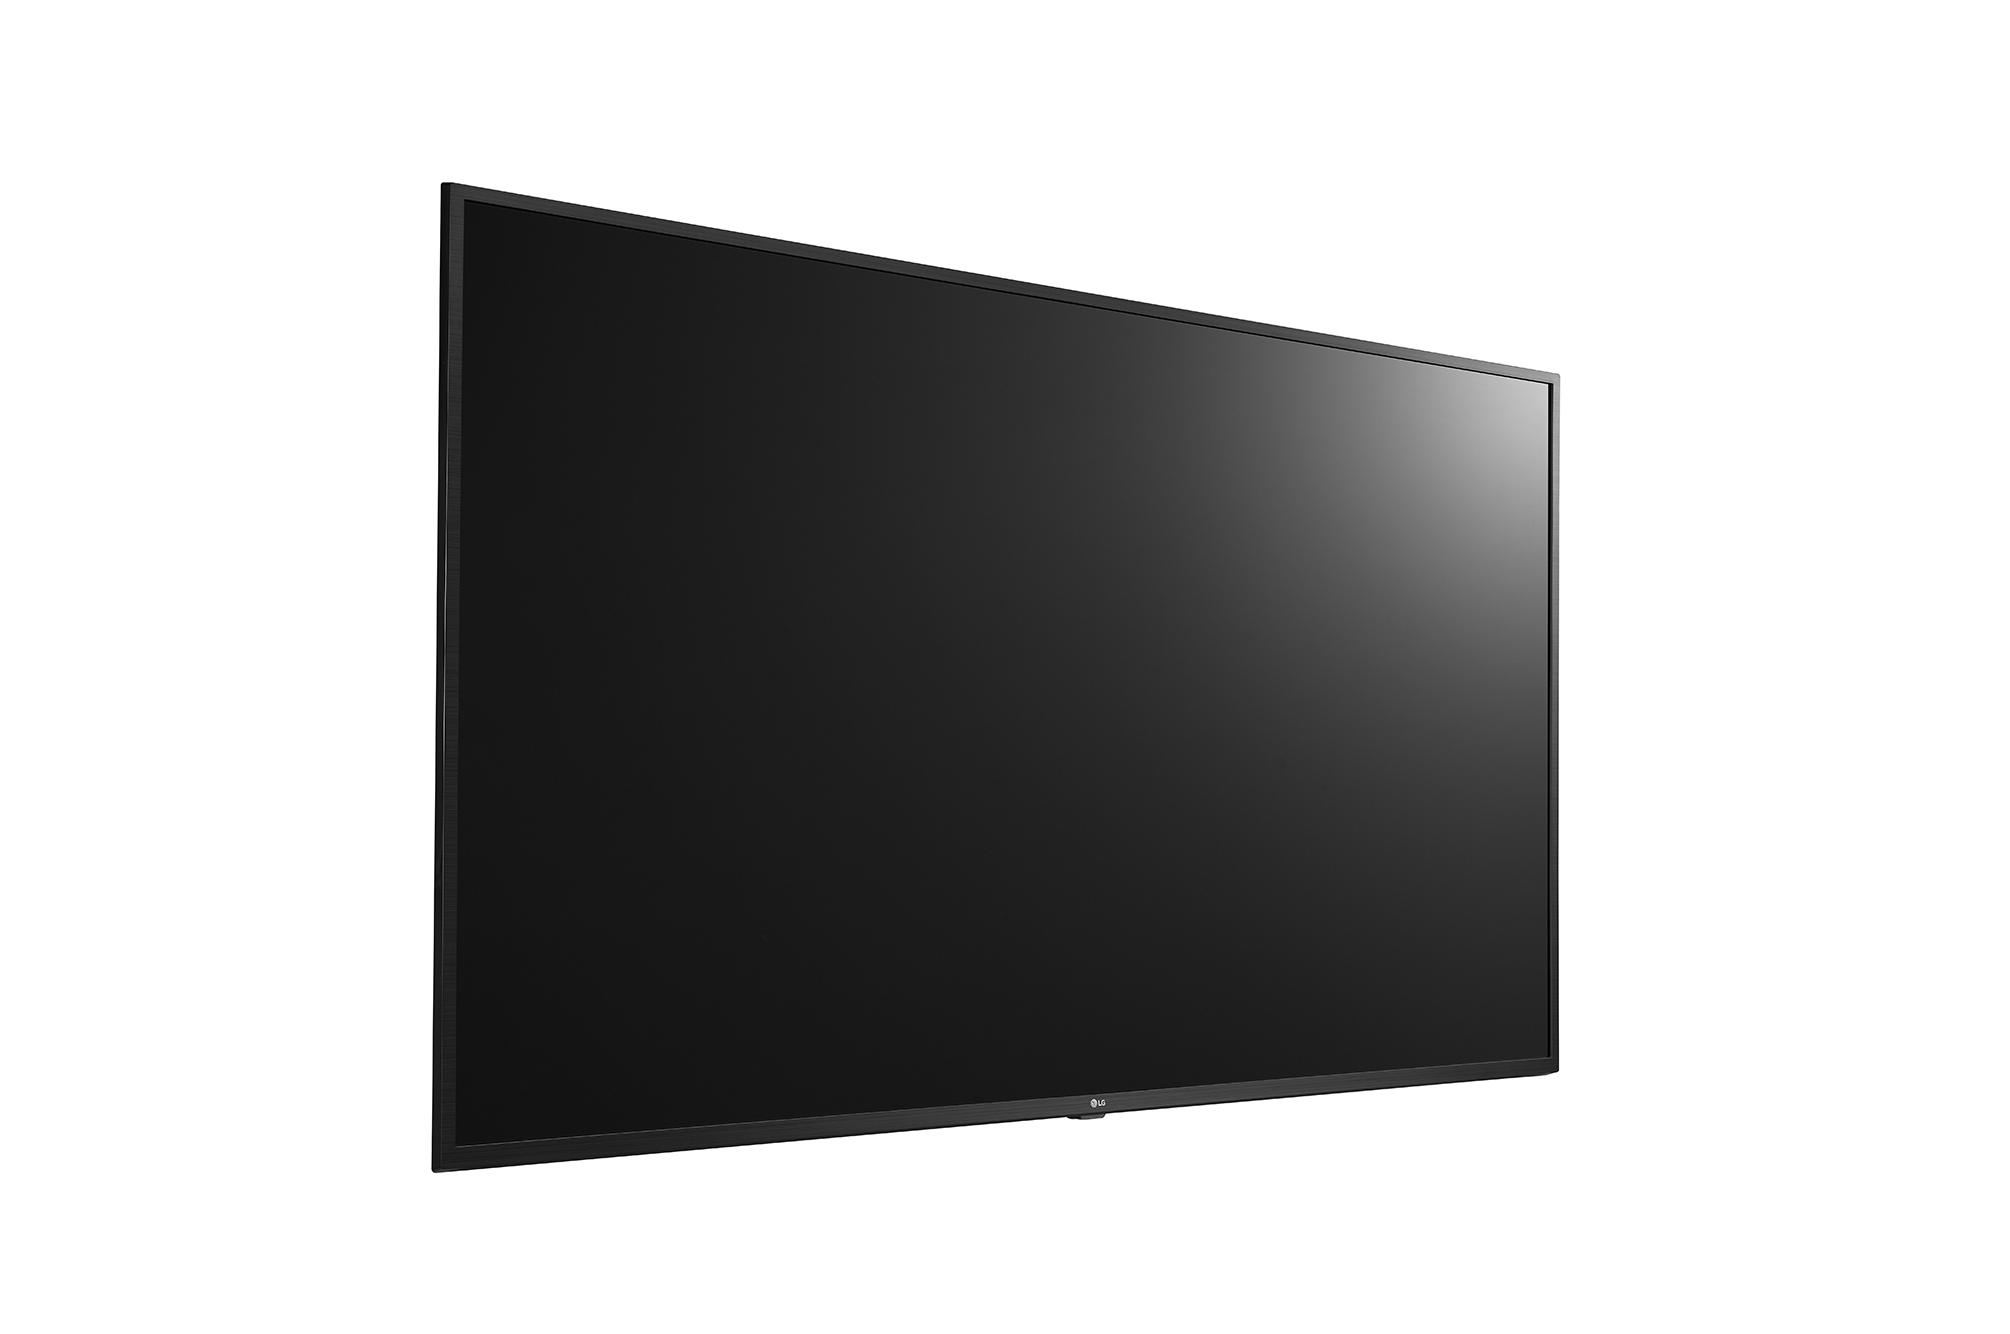 LG Standard Premium 55UL3G-B 6